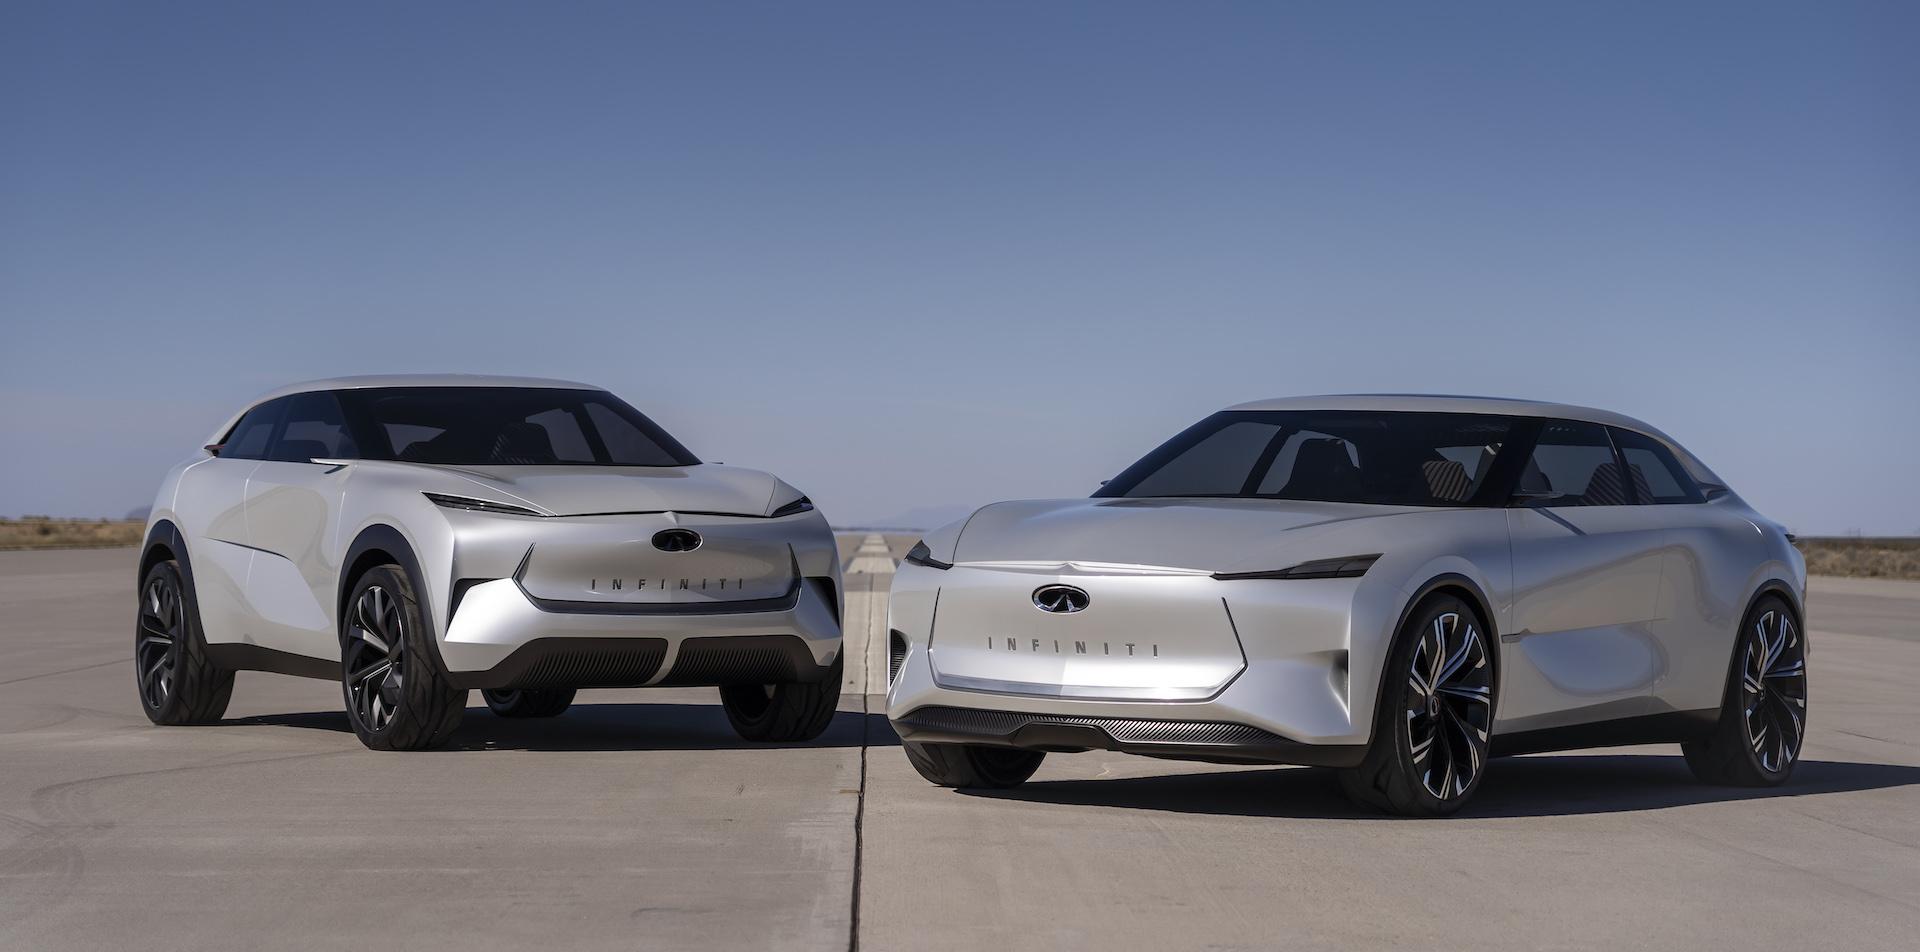 Infiniti va inclure un générateur à essence dans certaines voitures électriques